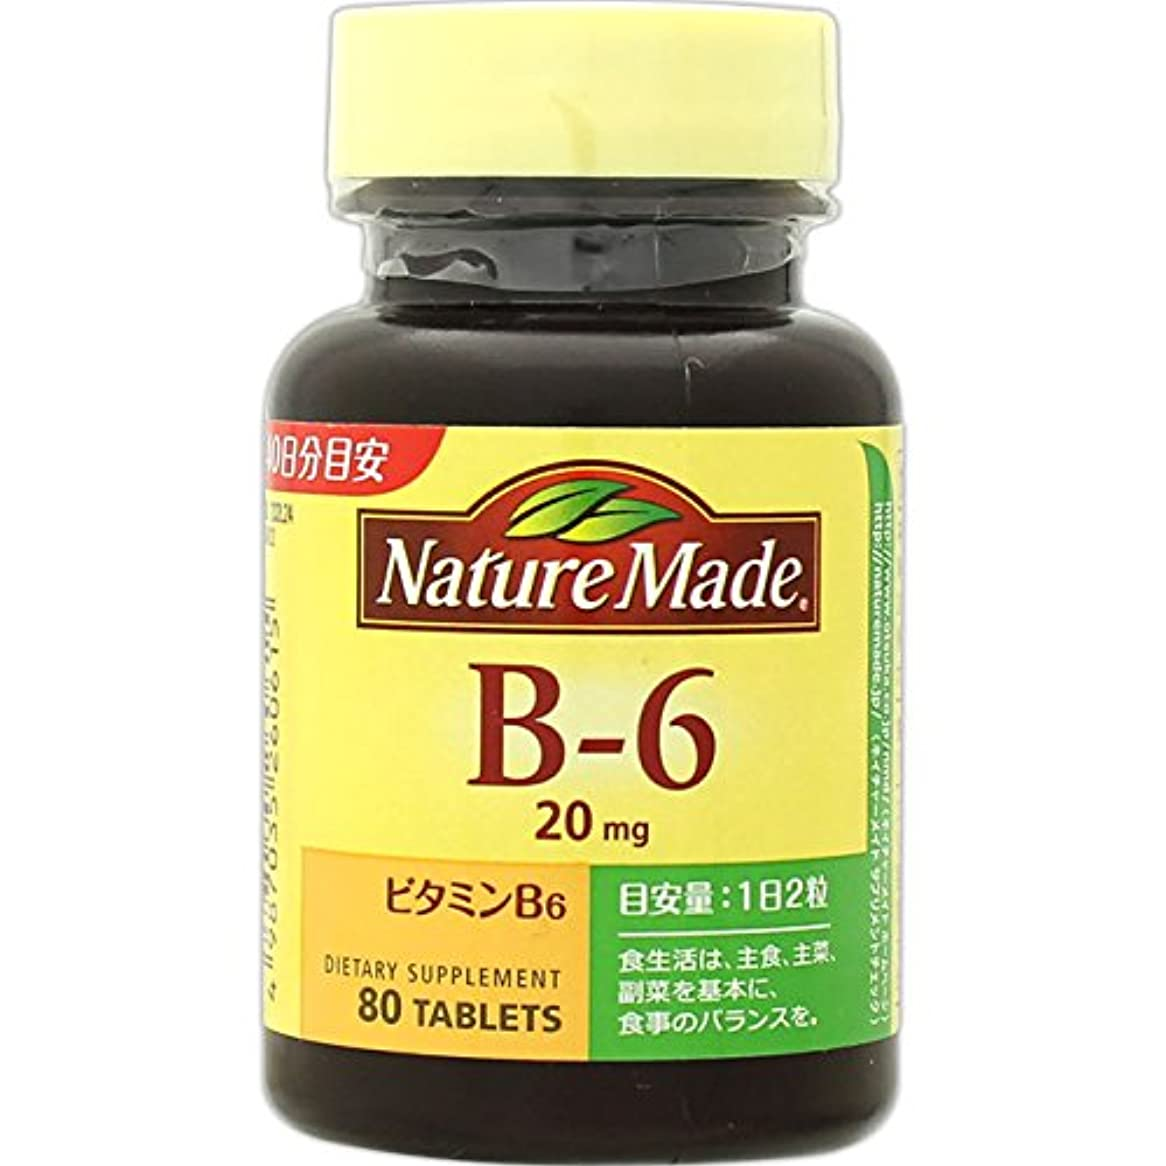 戸惑うレオナルドダ受付大塚製薬 ネイチャーメイドビタミンB6 80粒×2 907